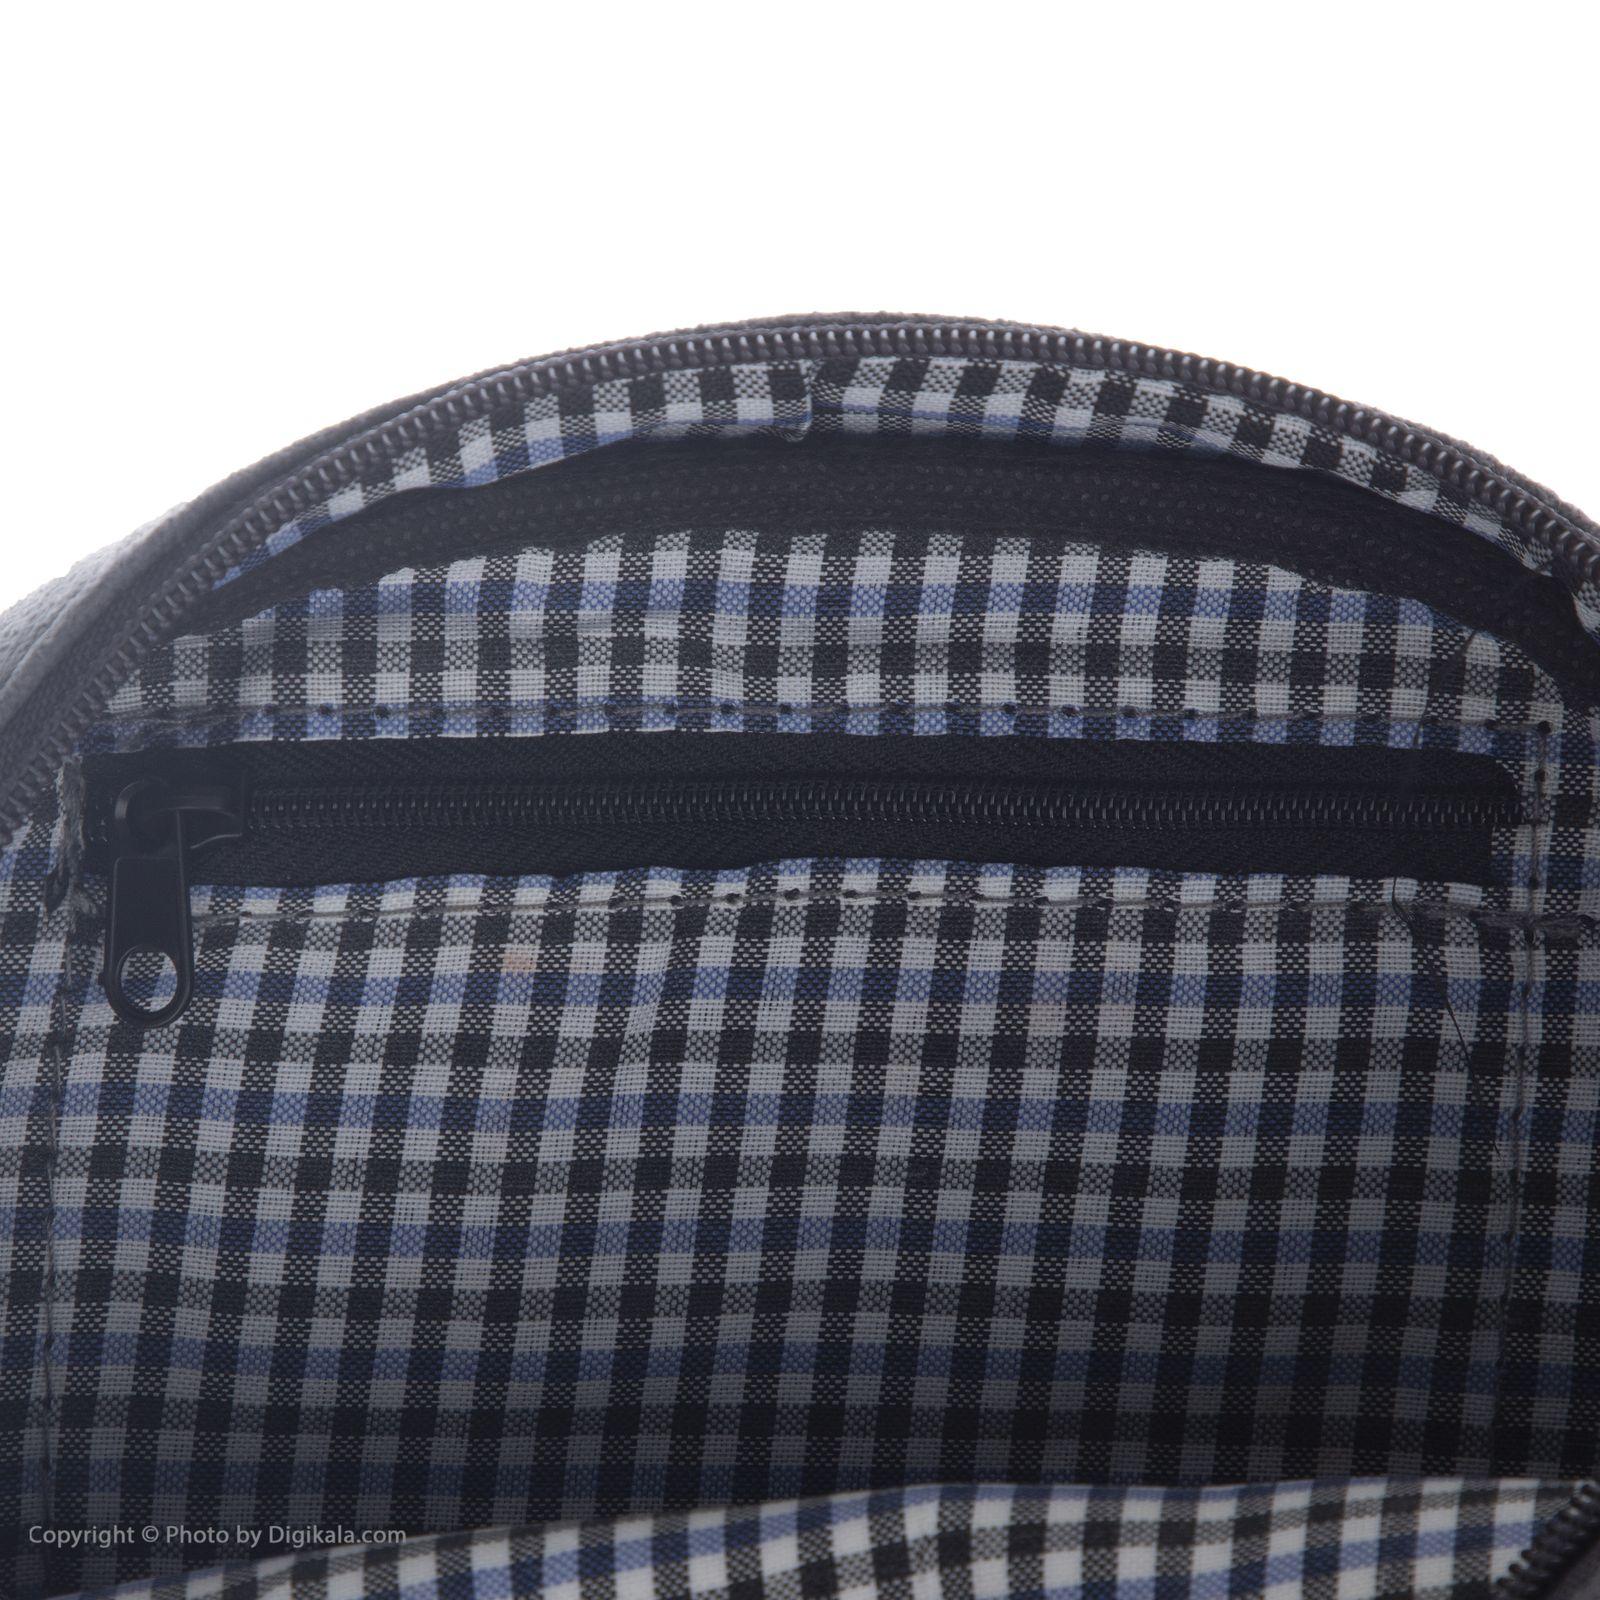 کیف رودوشی زنانه میو مدل MBSK151 -  - 4